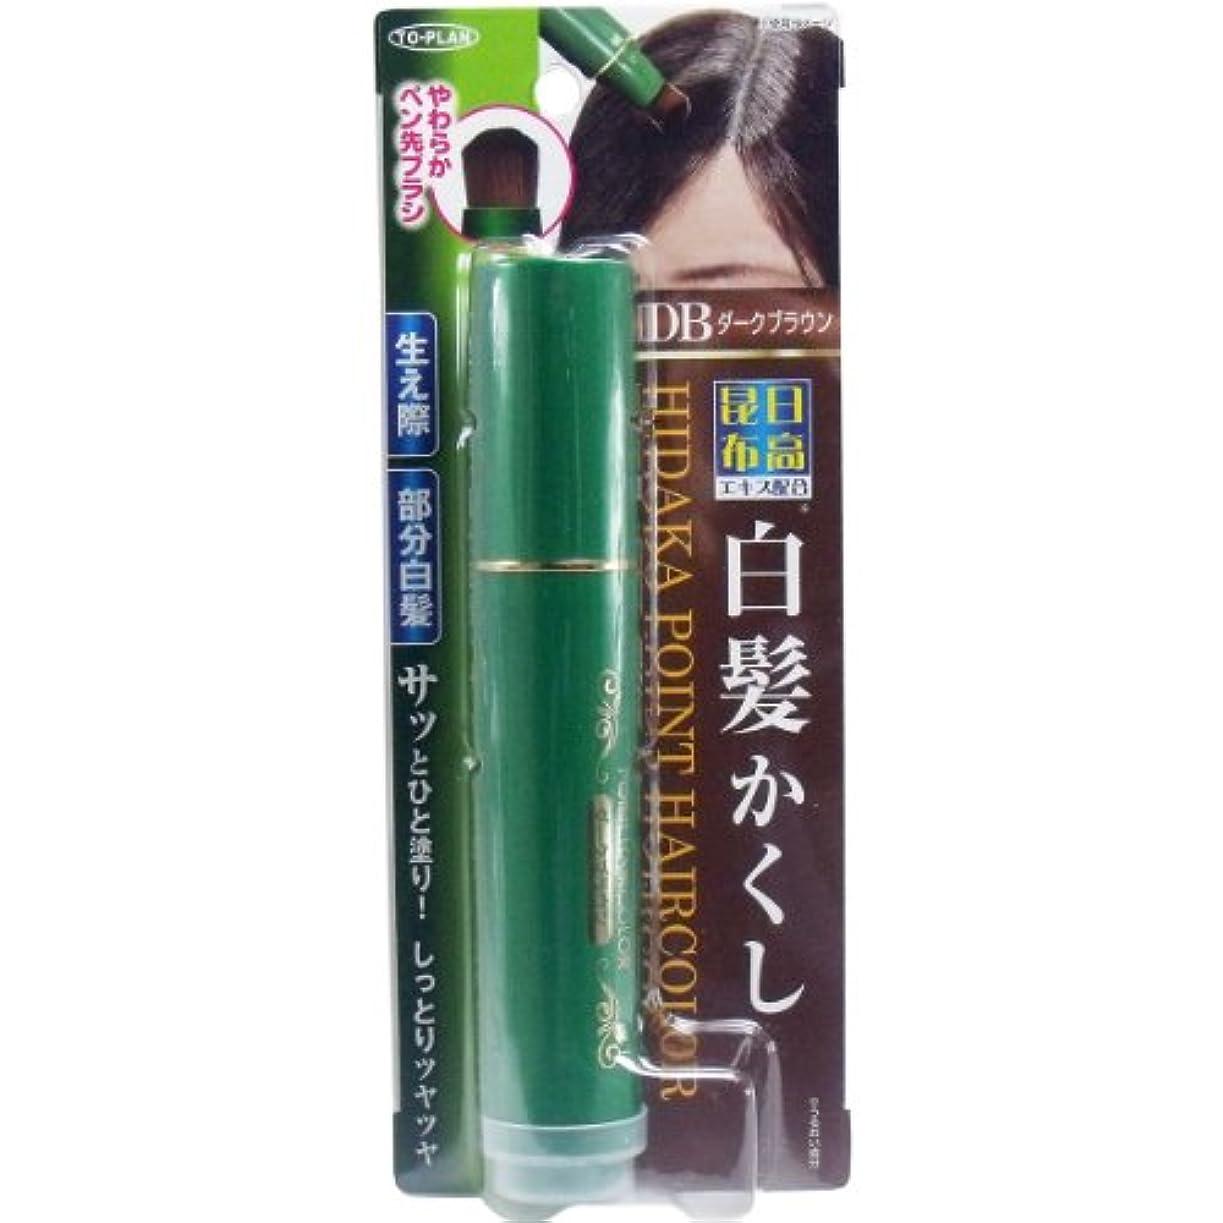 シソーラス部屋を掃除する松の木部分白髪かくし 美容 ヘアケア 白髪染め ペン型、ノック式でサッと簡単!ダークブラウン 20g入